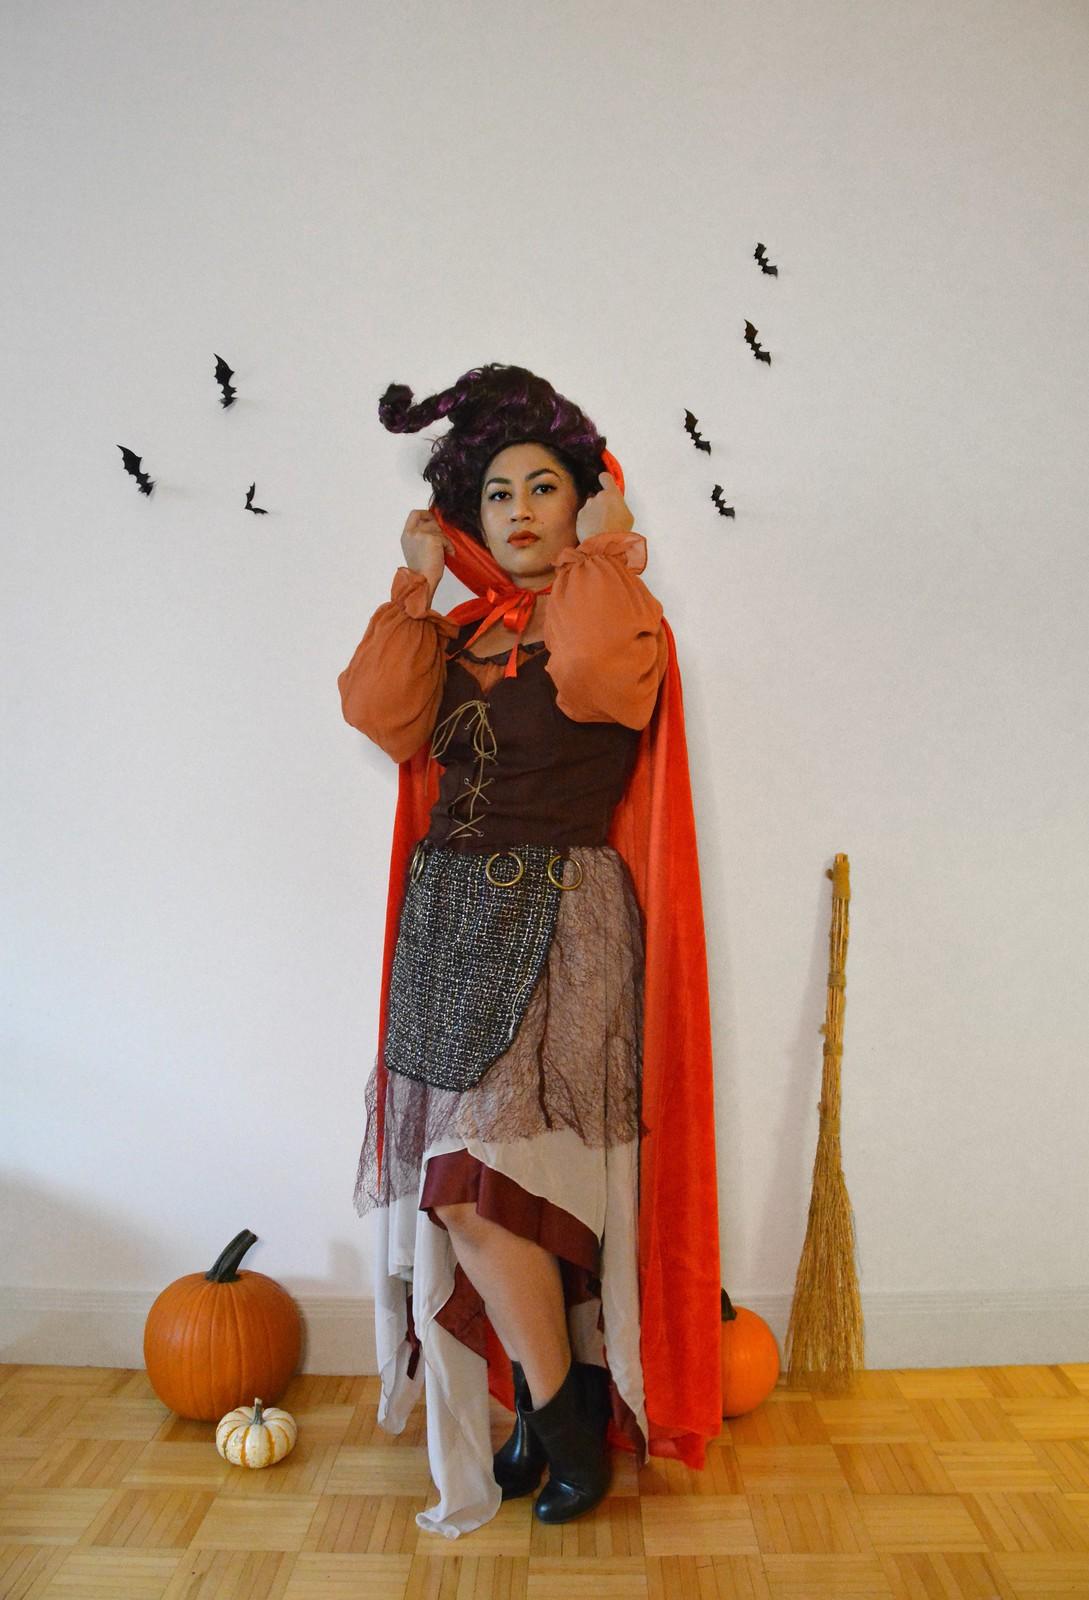 Hocus Pocus Halloween Costume | Sanderson Sisters Costumes | Mary Sanderson | Sanderson Witches | Girl Group Halloween Costume | Halloween Costumes College | 2020 Halloween DIY